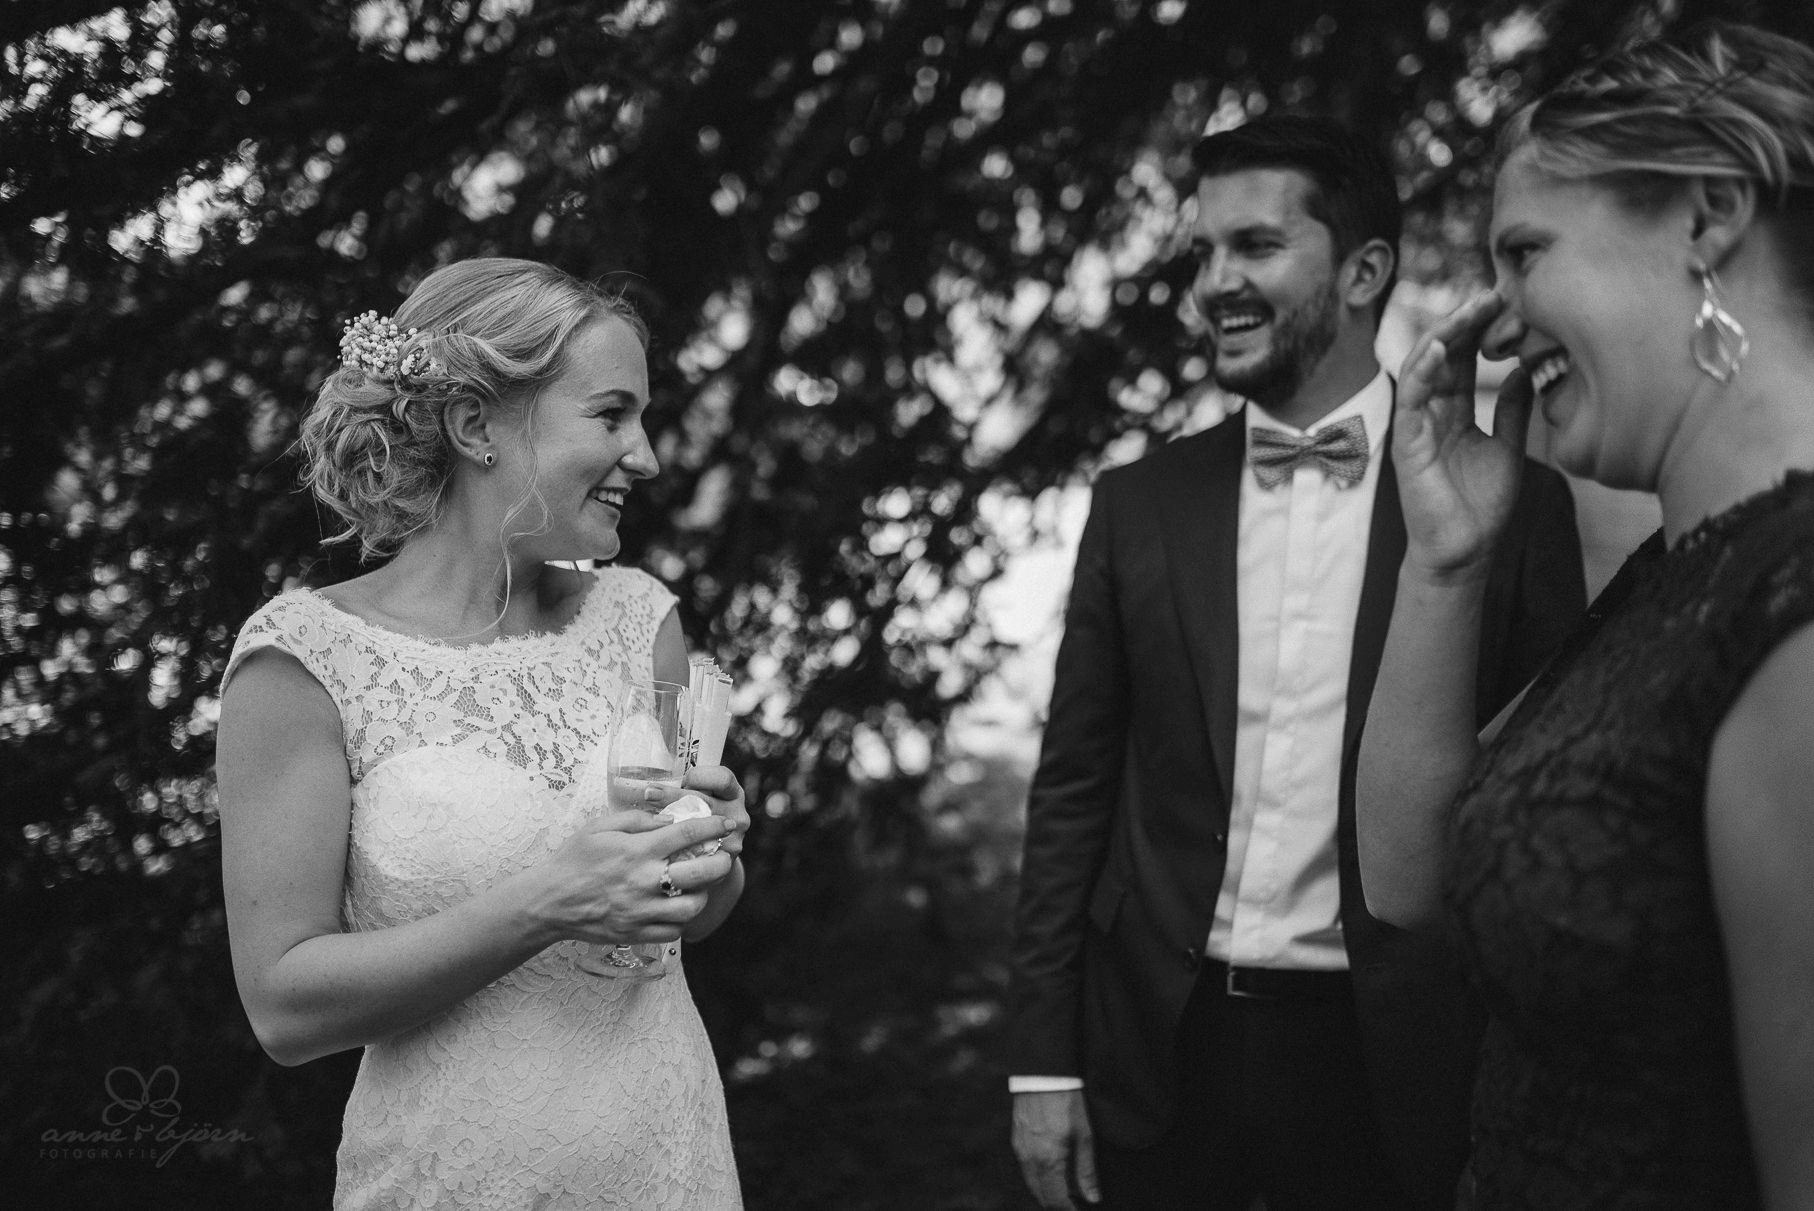 0073 anne und bjoern hochzeit schweiz d75 0542 - DIY Hochzeit in der Schweiz - Sabrina & Christoph